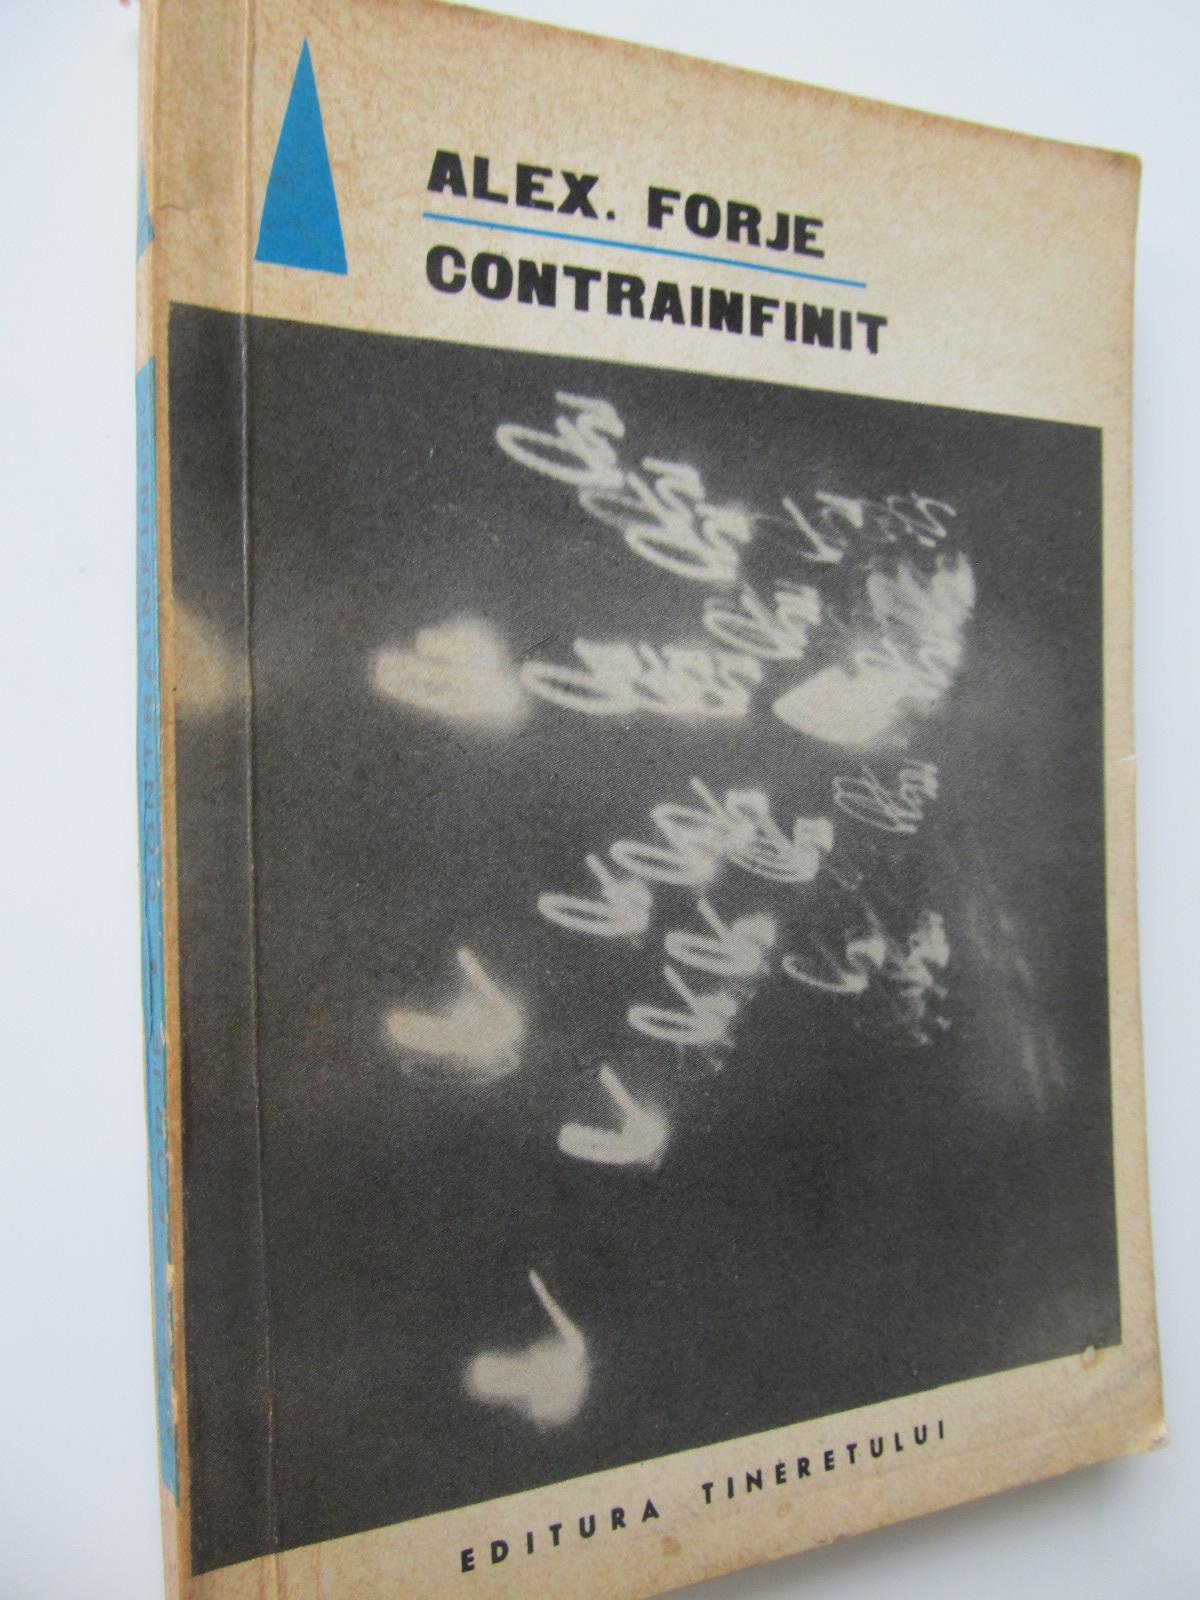 Contrainfinit - Alex. Forje | Detalii carte